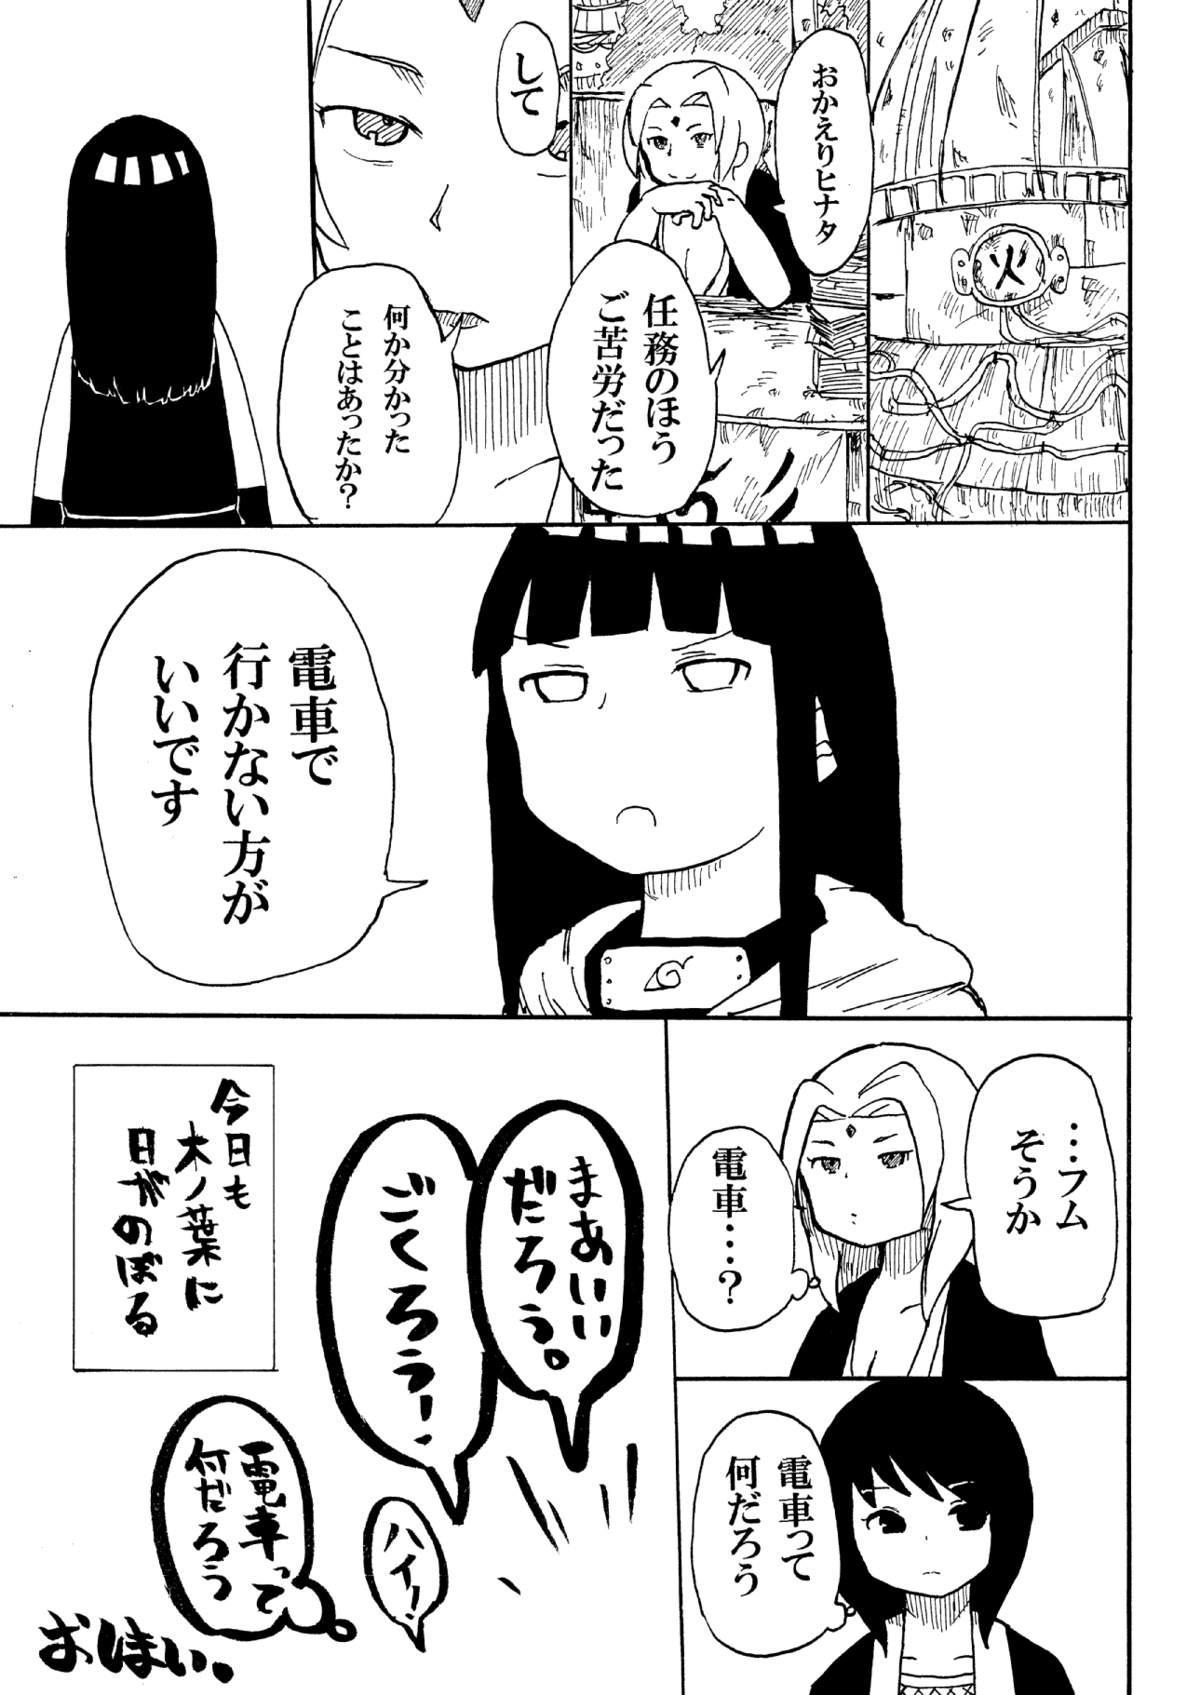 Hinata to Densha 23